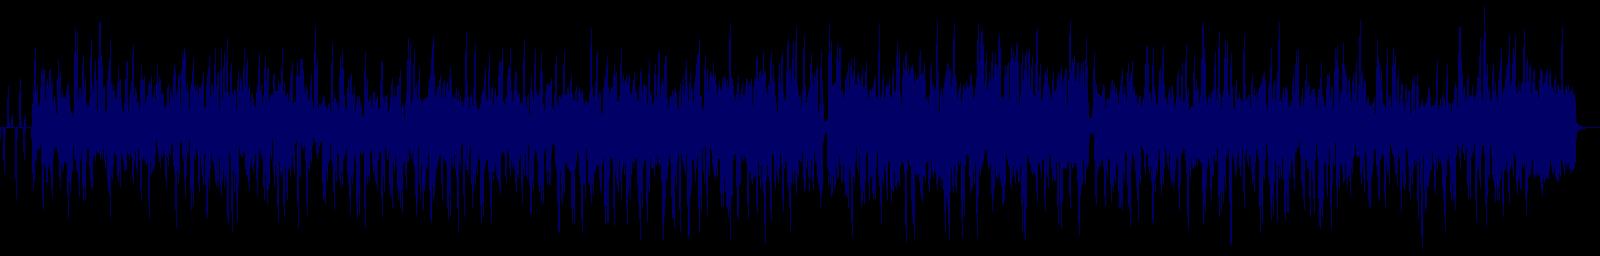 waveform of track #112193